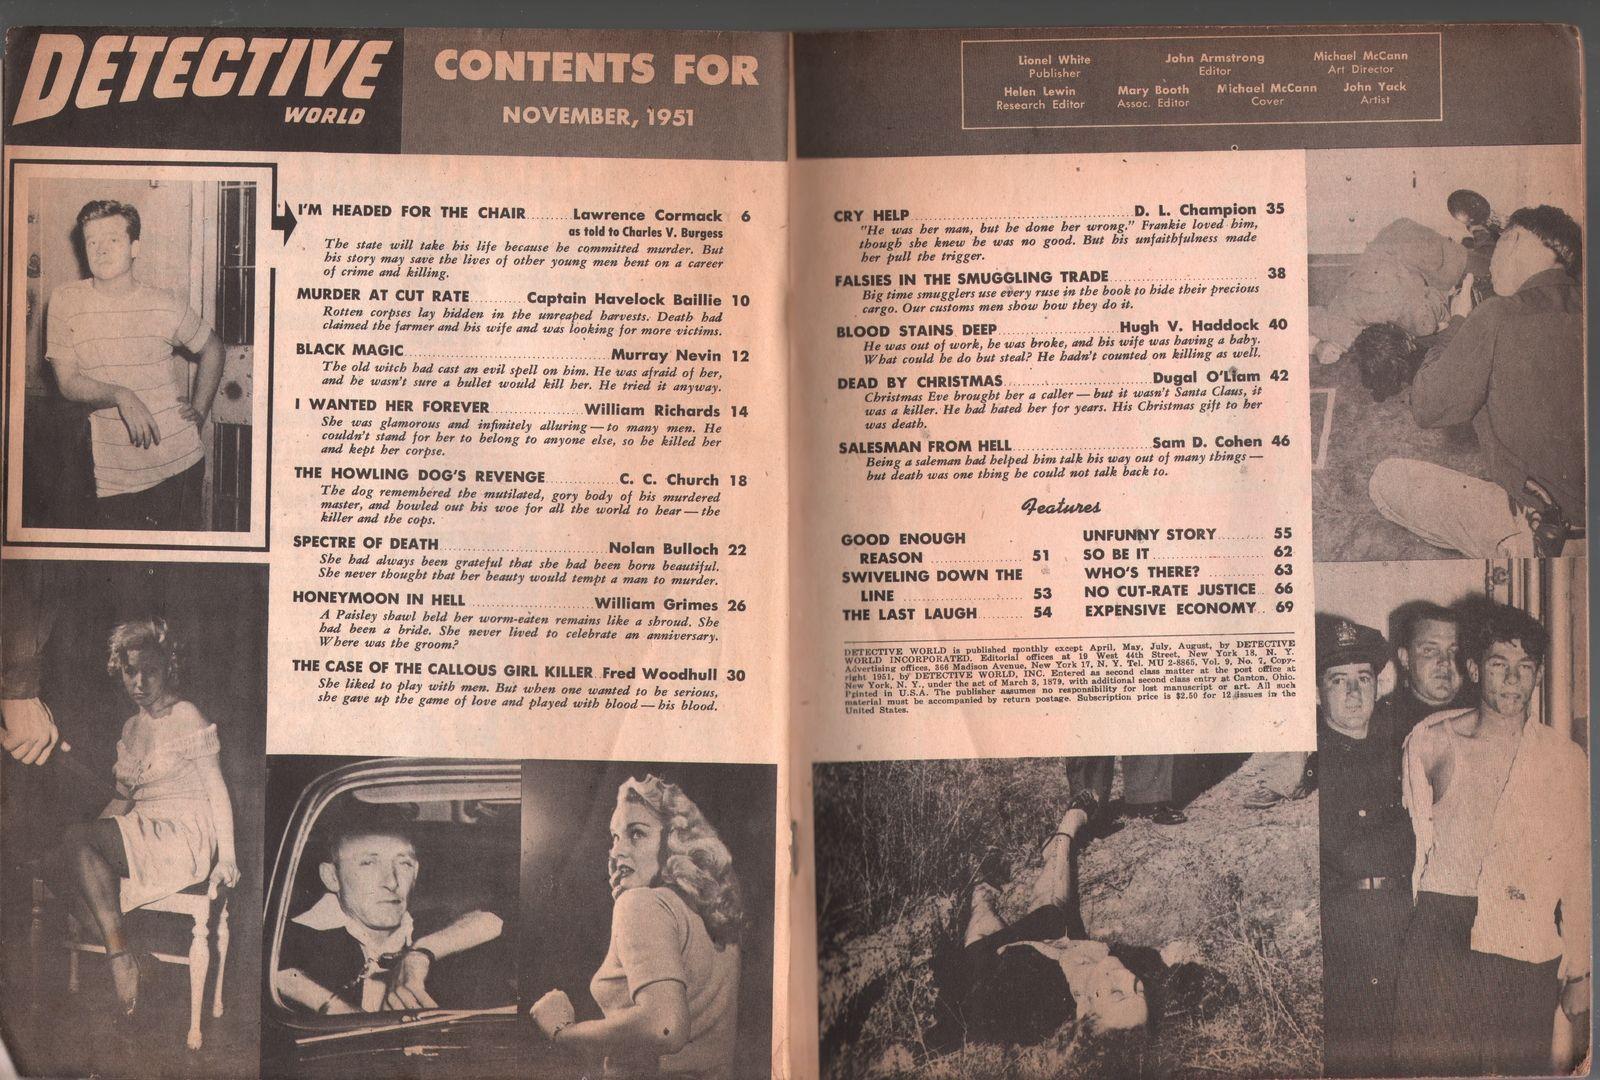 Detective World 11/1951--pulp thrills-electric chair-murder-DL Champion-G